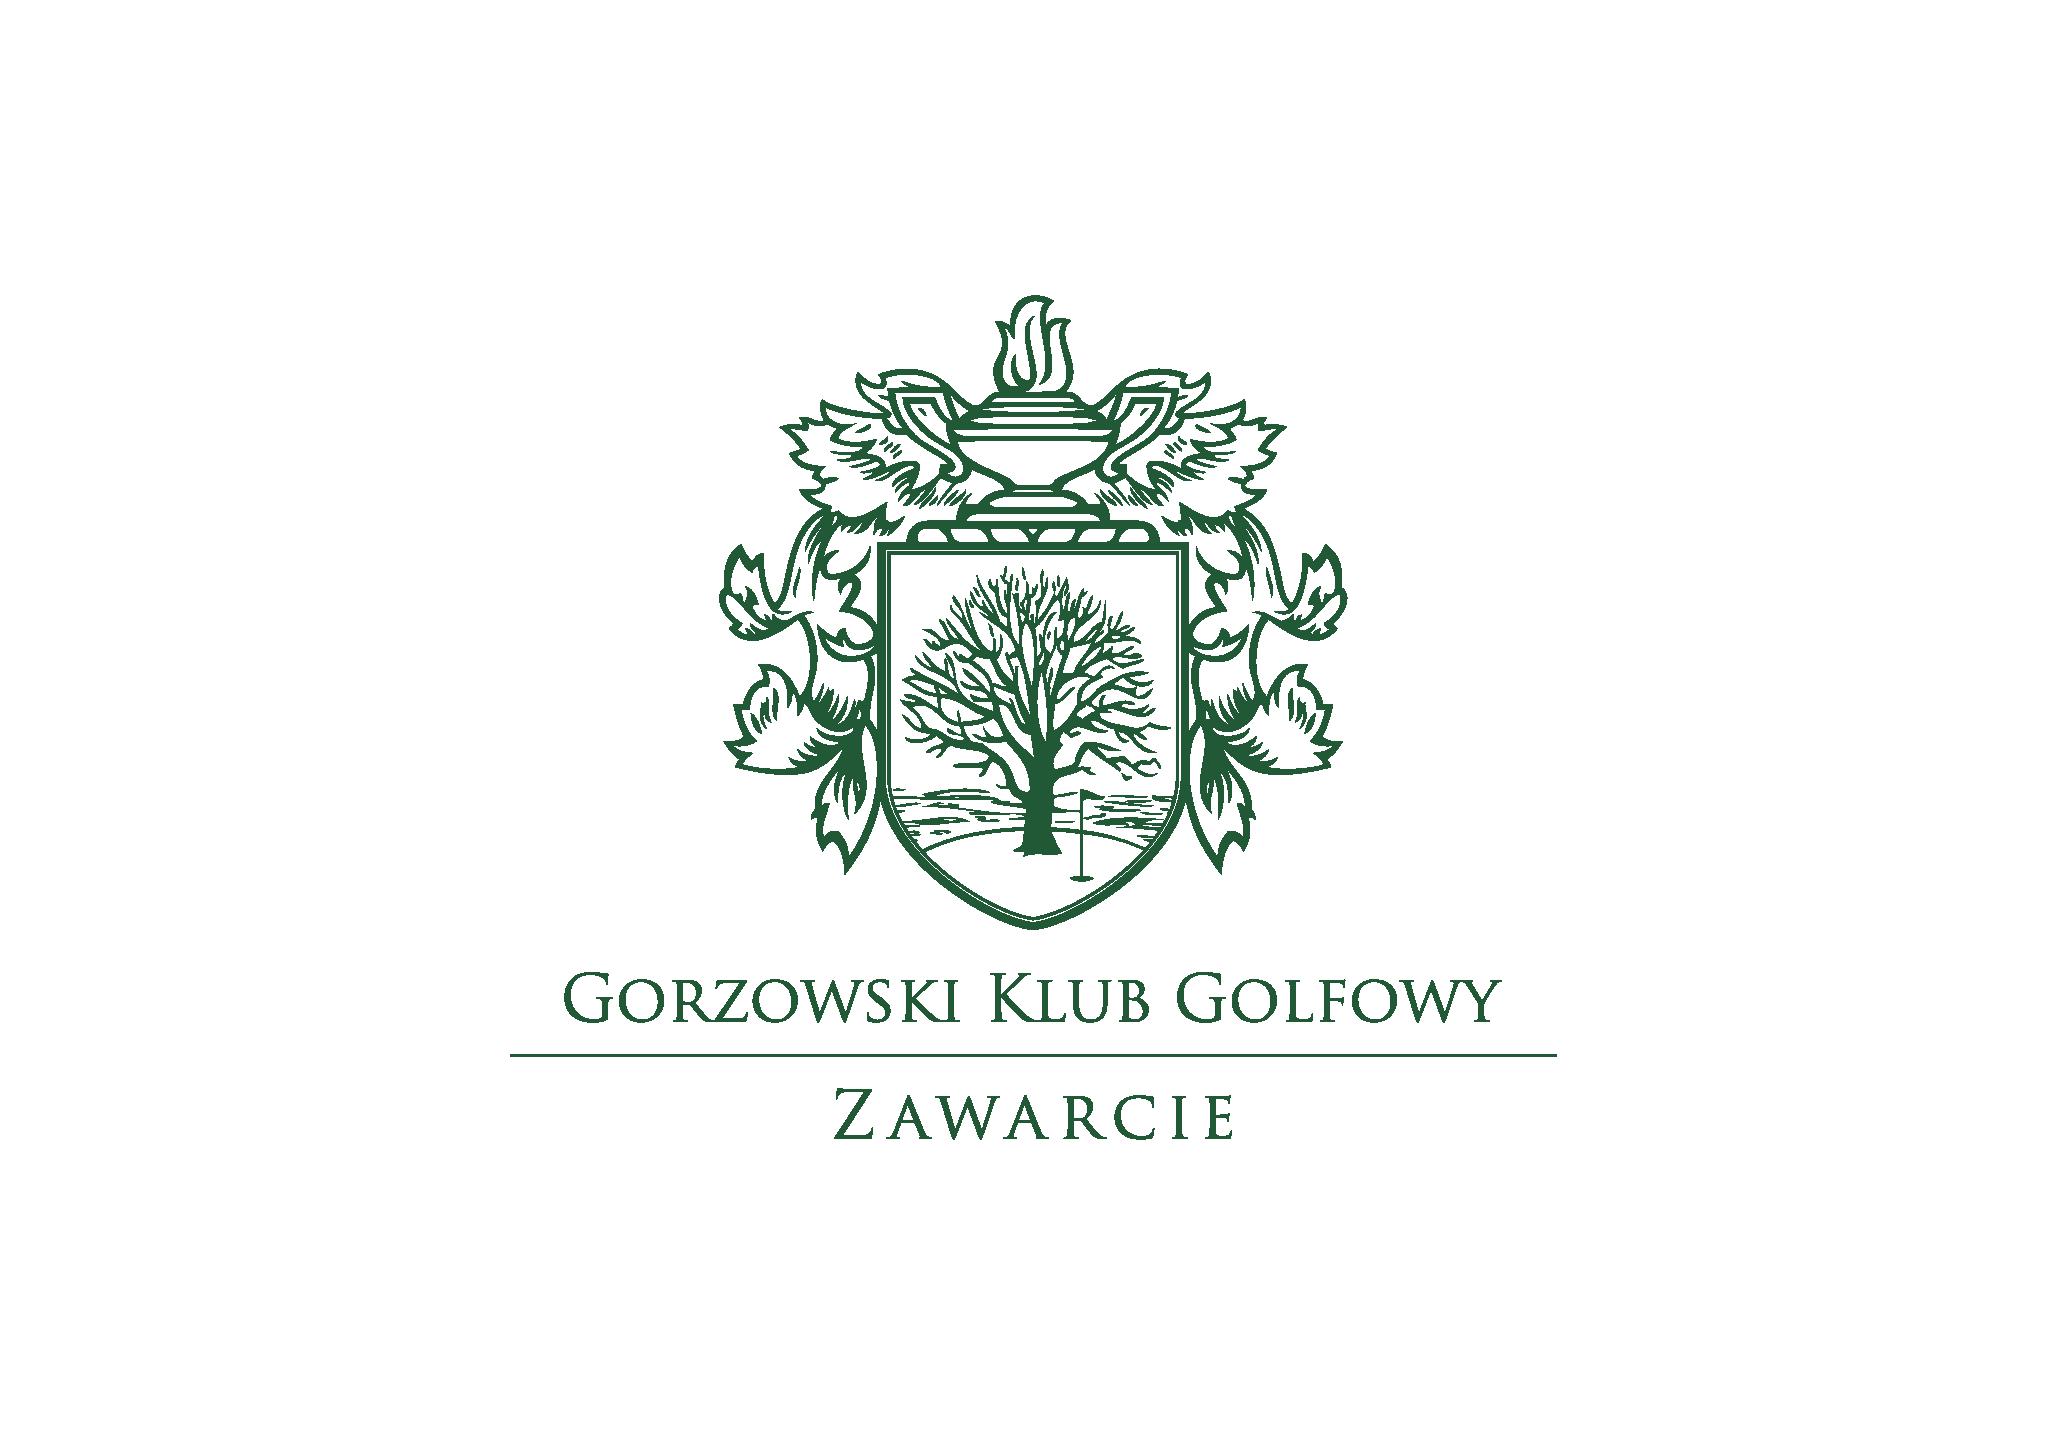 Gorzowski Klub Golfowy Zawarcie